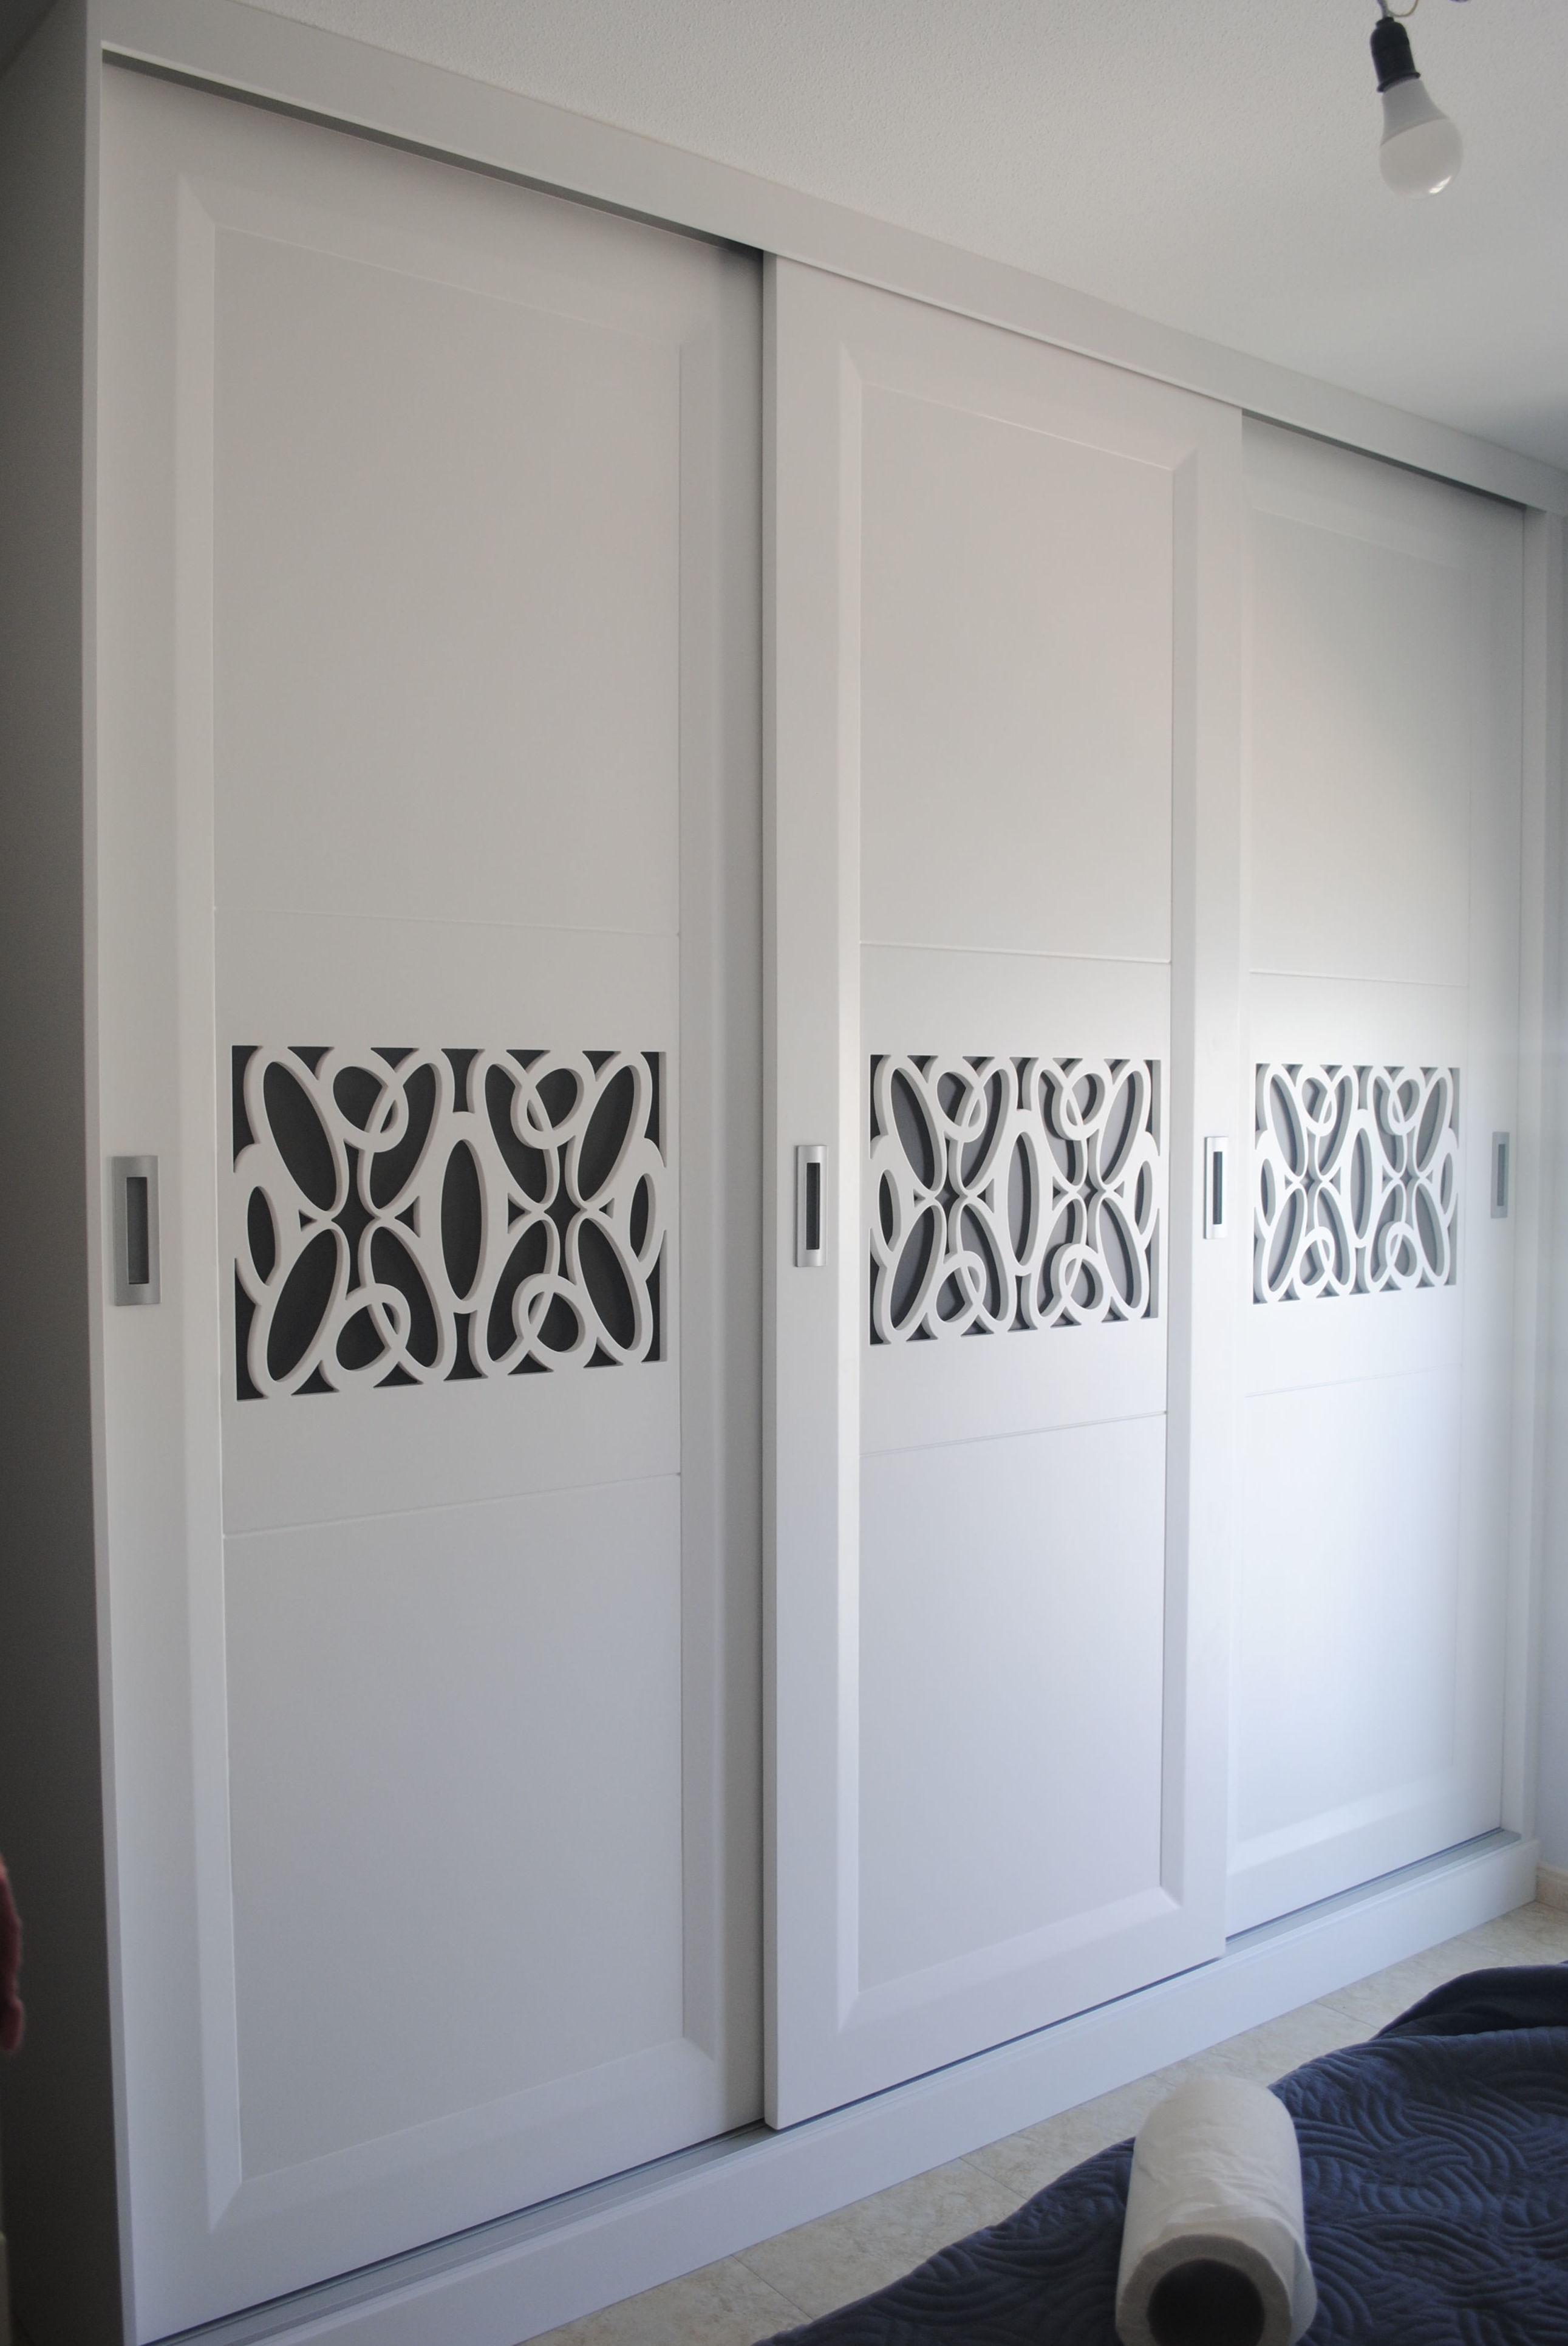 armario empotrado con puertas pantografiadas lacado blanco y fondo antracita.